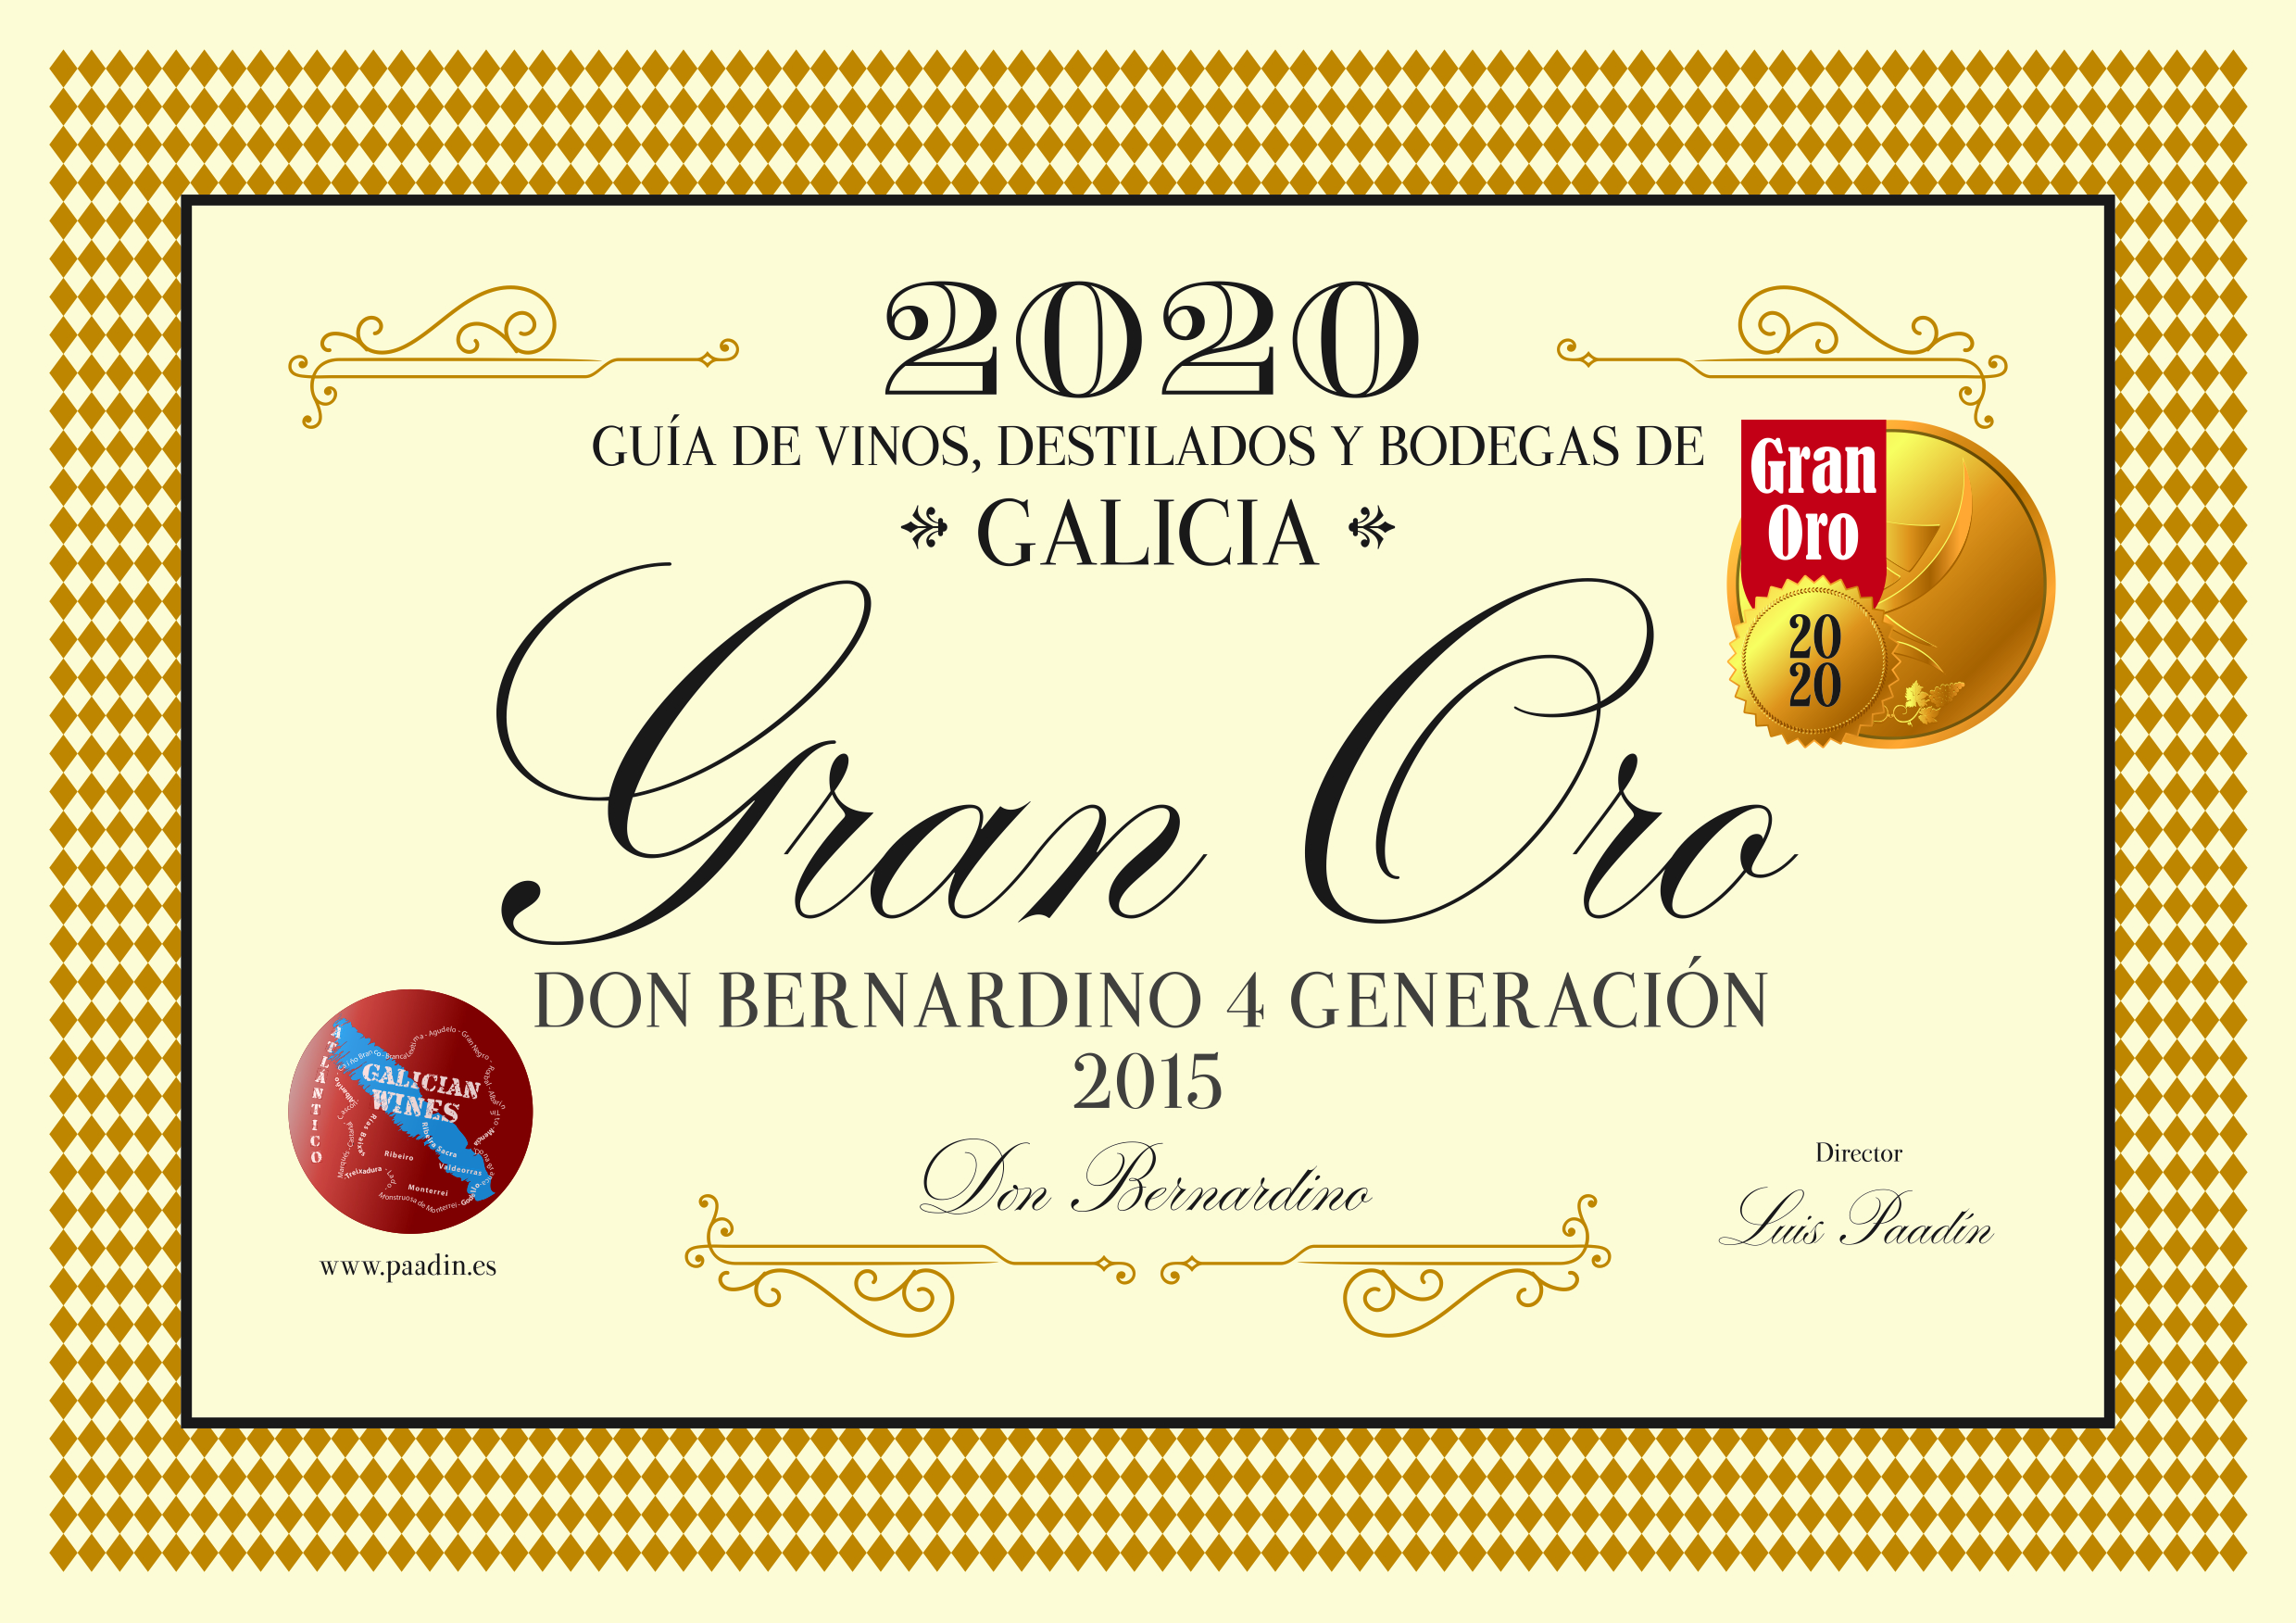 DON BERNARDINO (Premio Gia de vinos 2020)